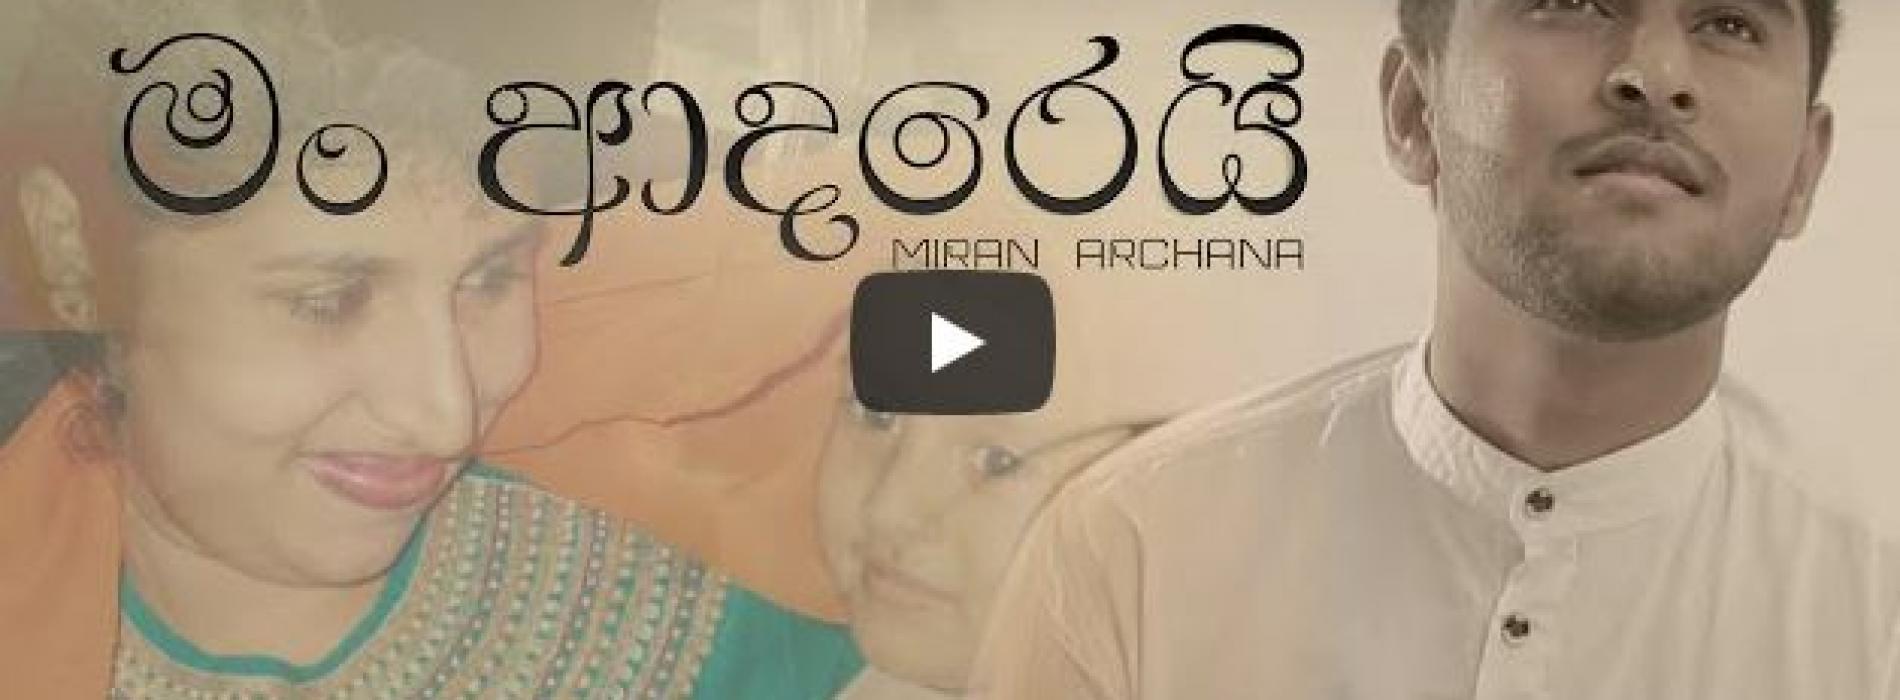 New Music : Man Adarei (මං ආදරෙයි)   Miran Archana   Official Video